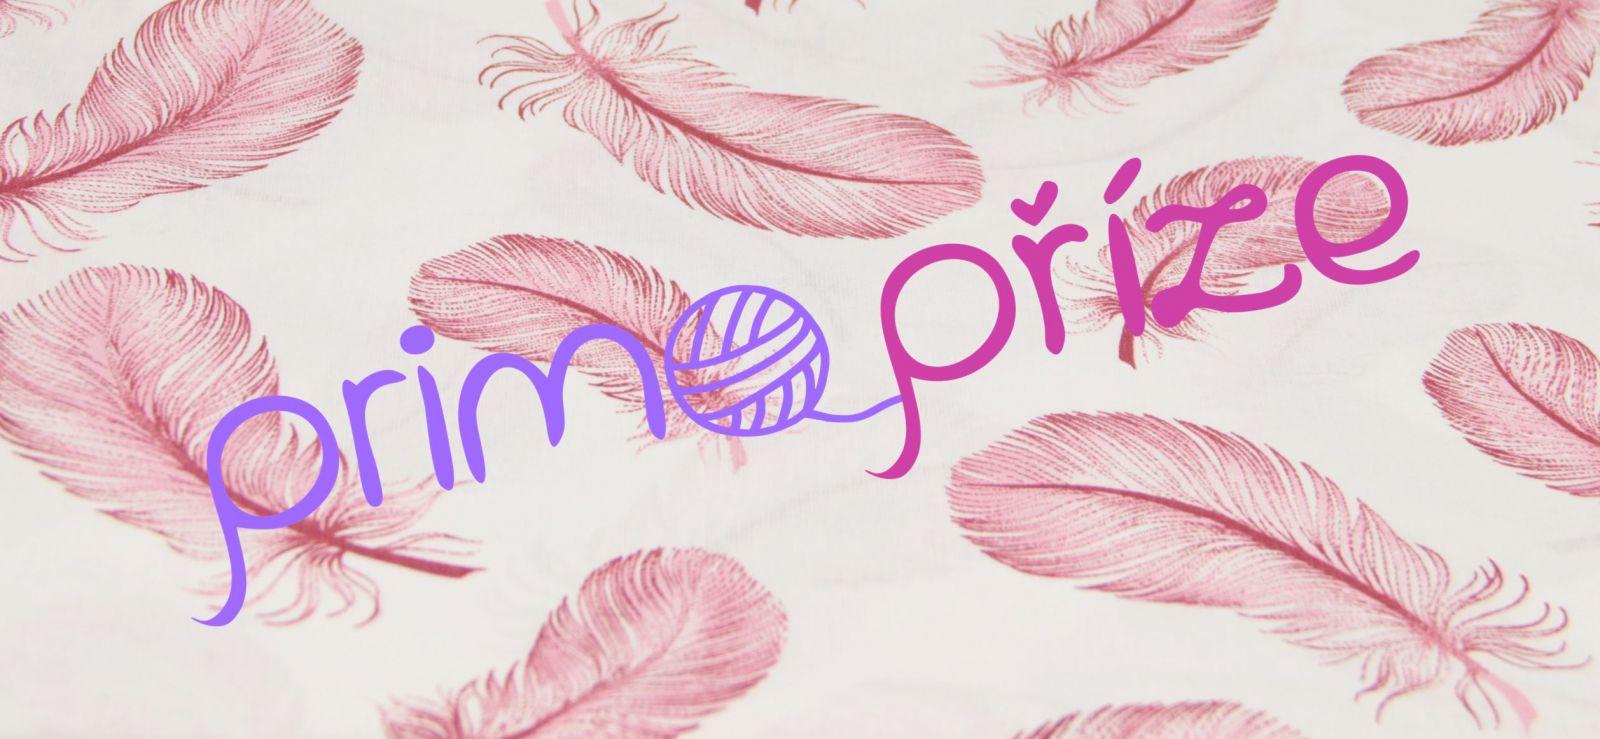 Bavlněná látka růžová pírka na bílém podkladu